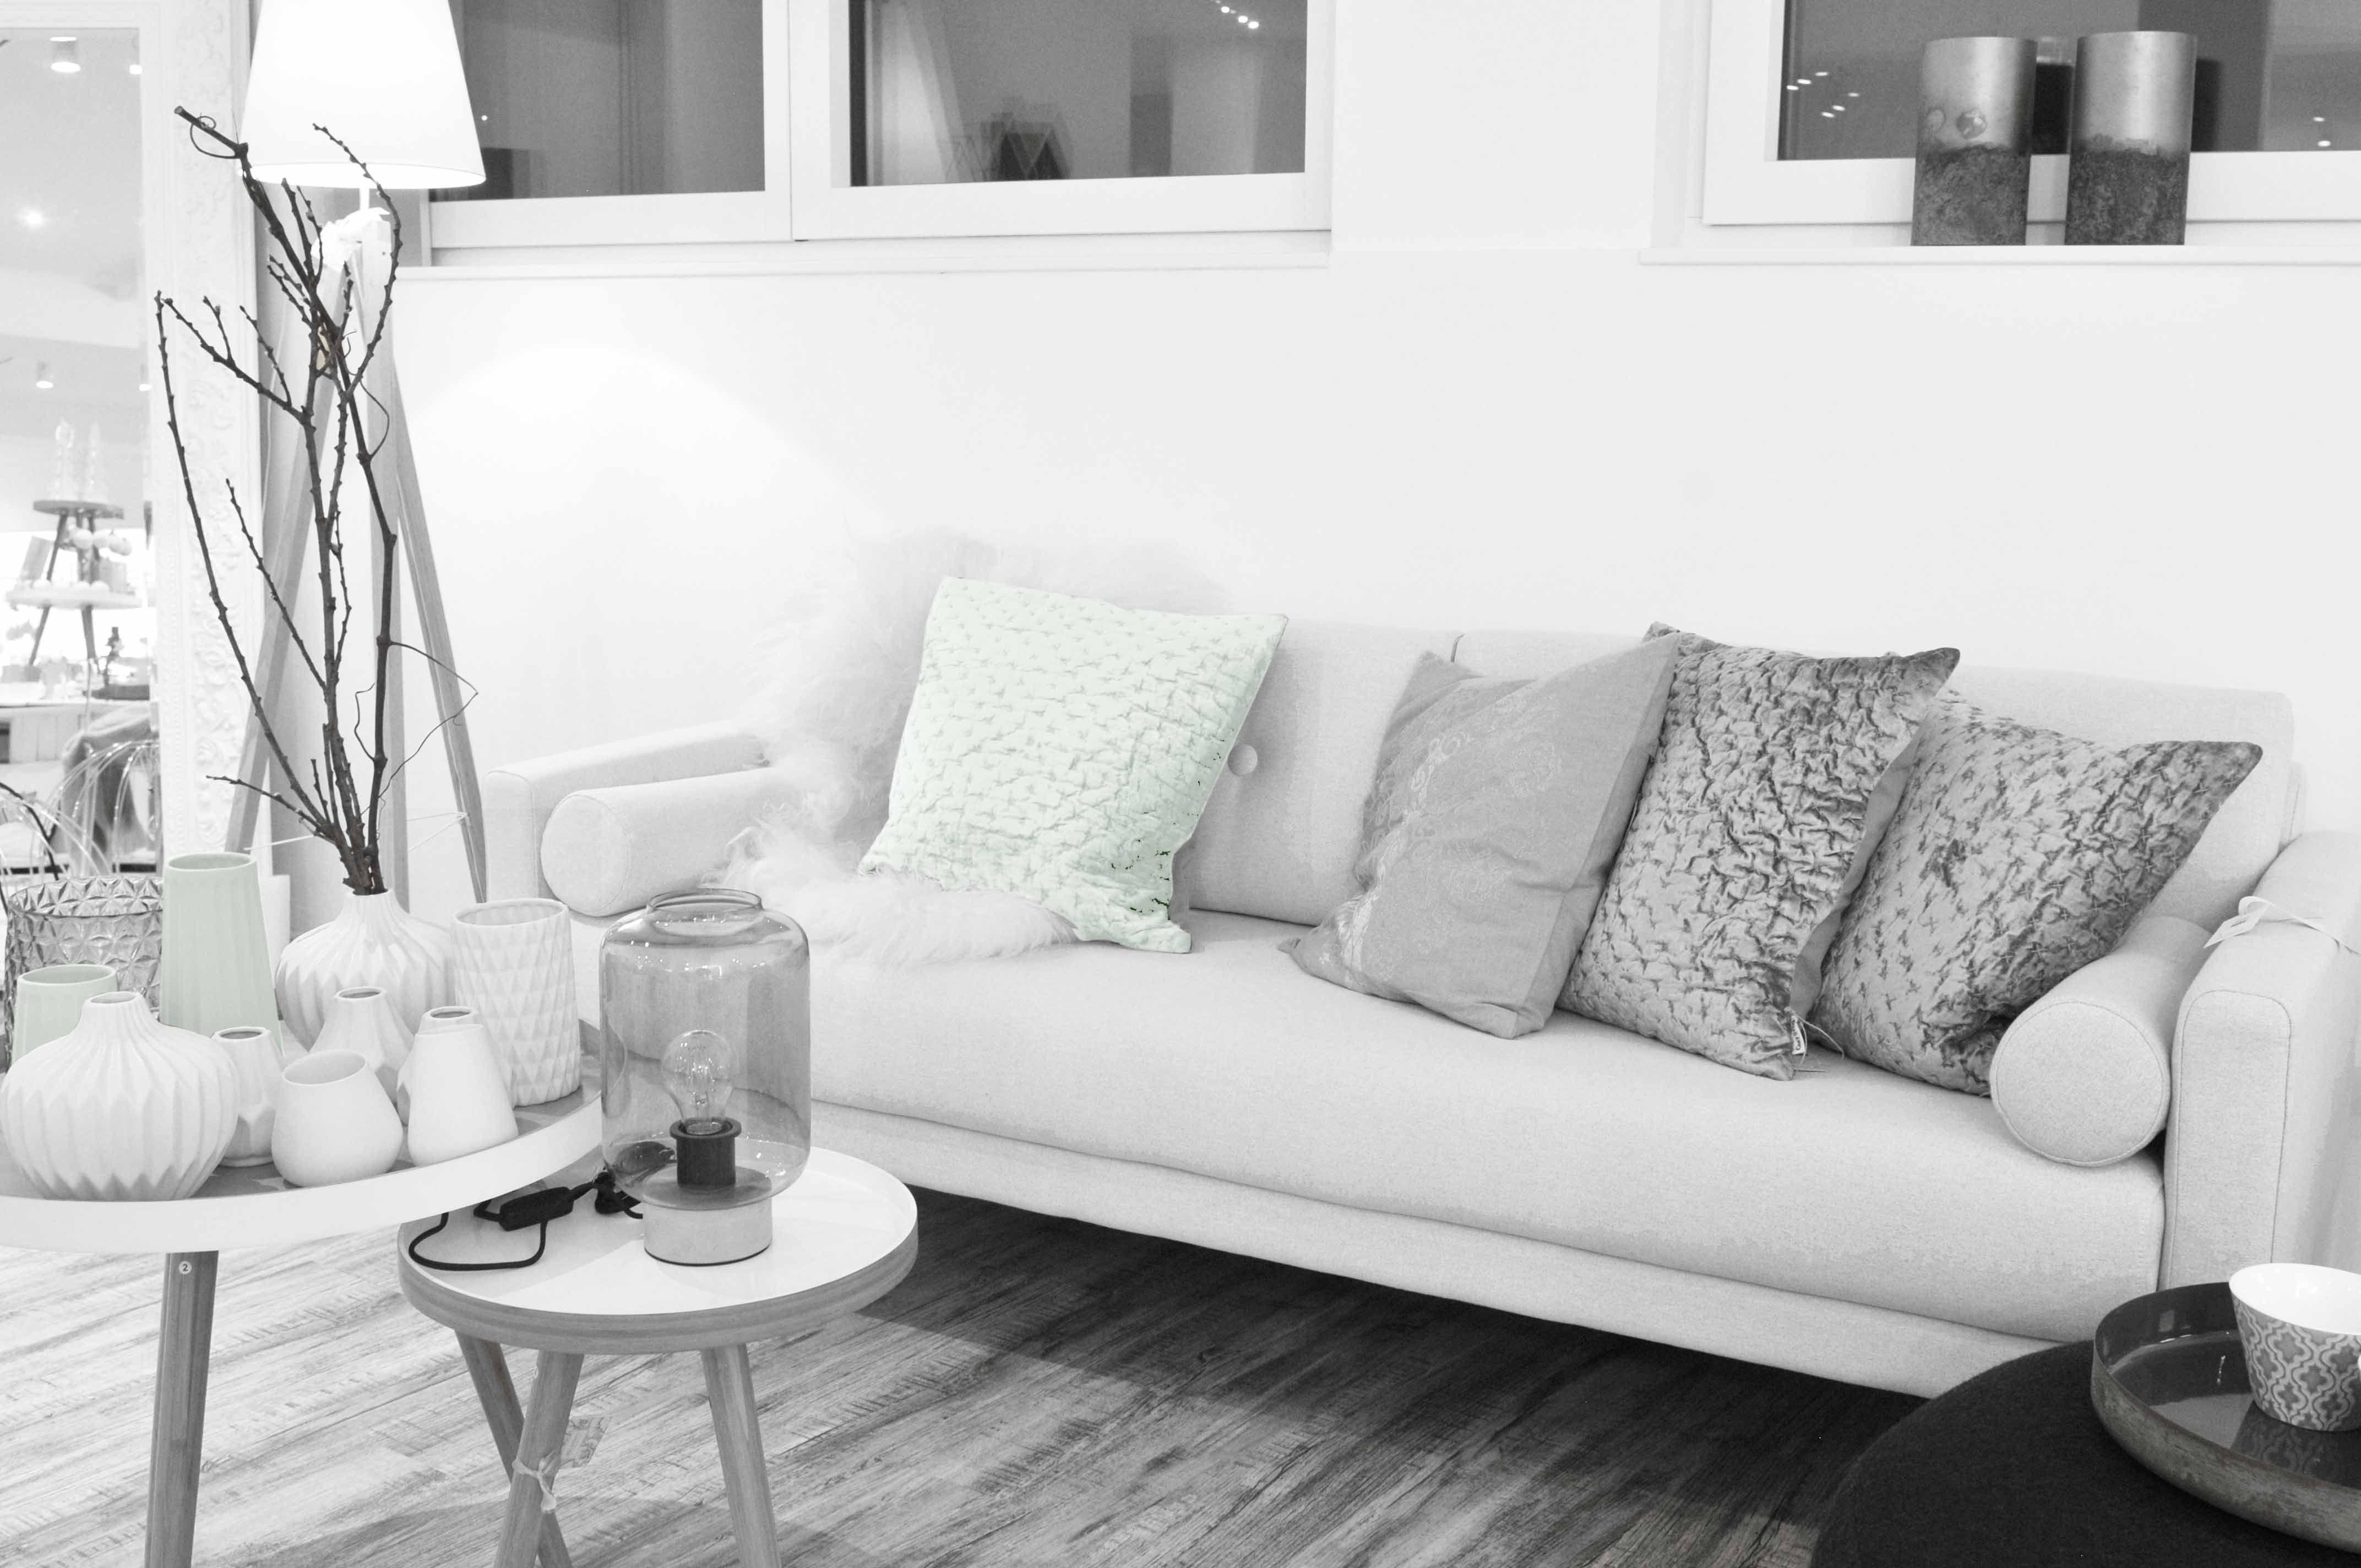 Zeit für mehr Farbe im Wohnzimmer. Farben und Materialien MIXED ...